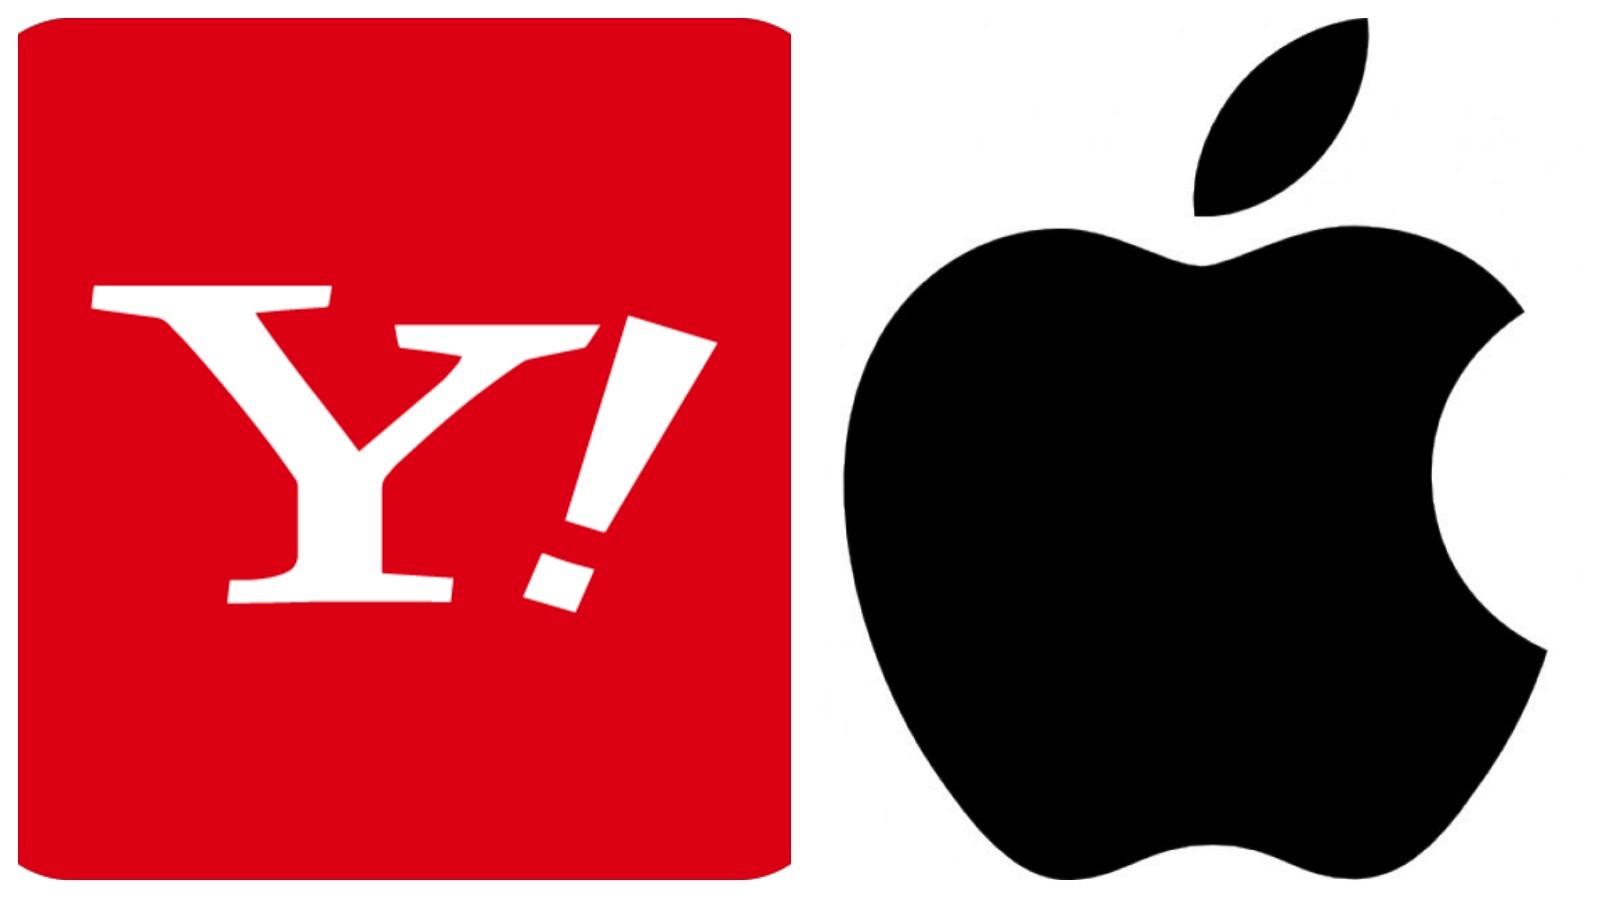 Yahooo Apple